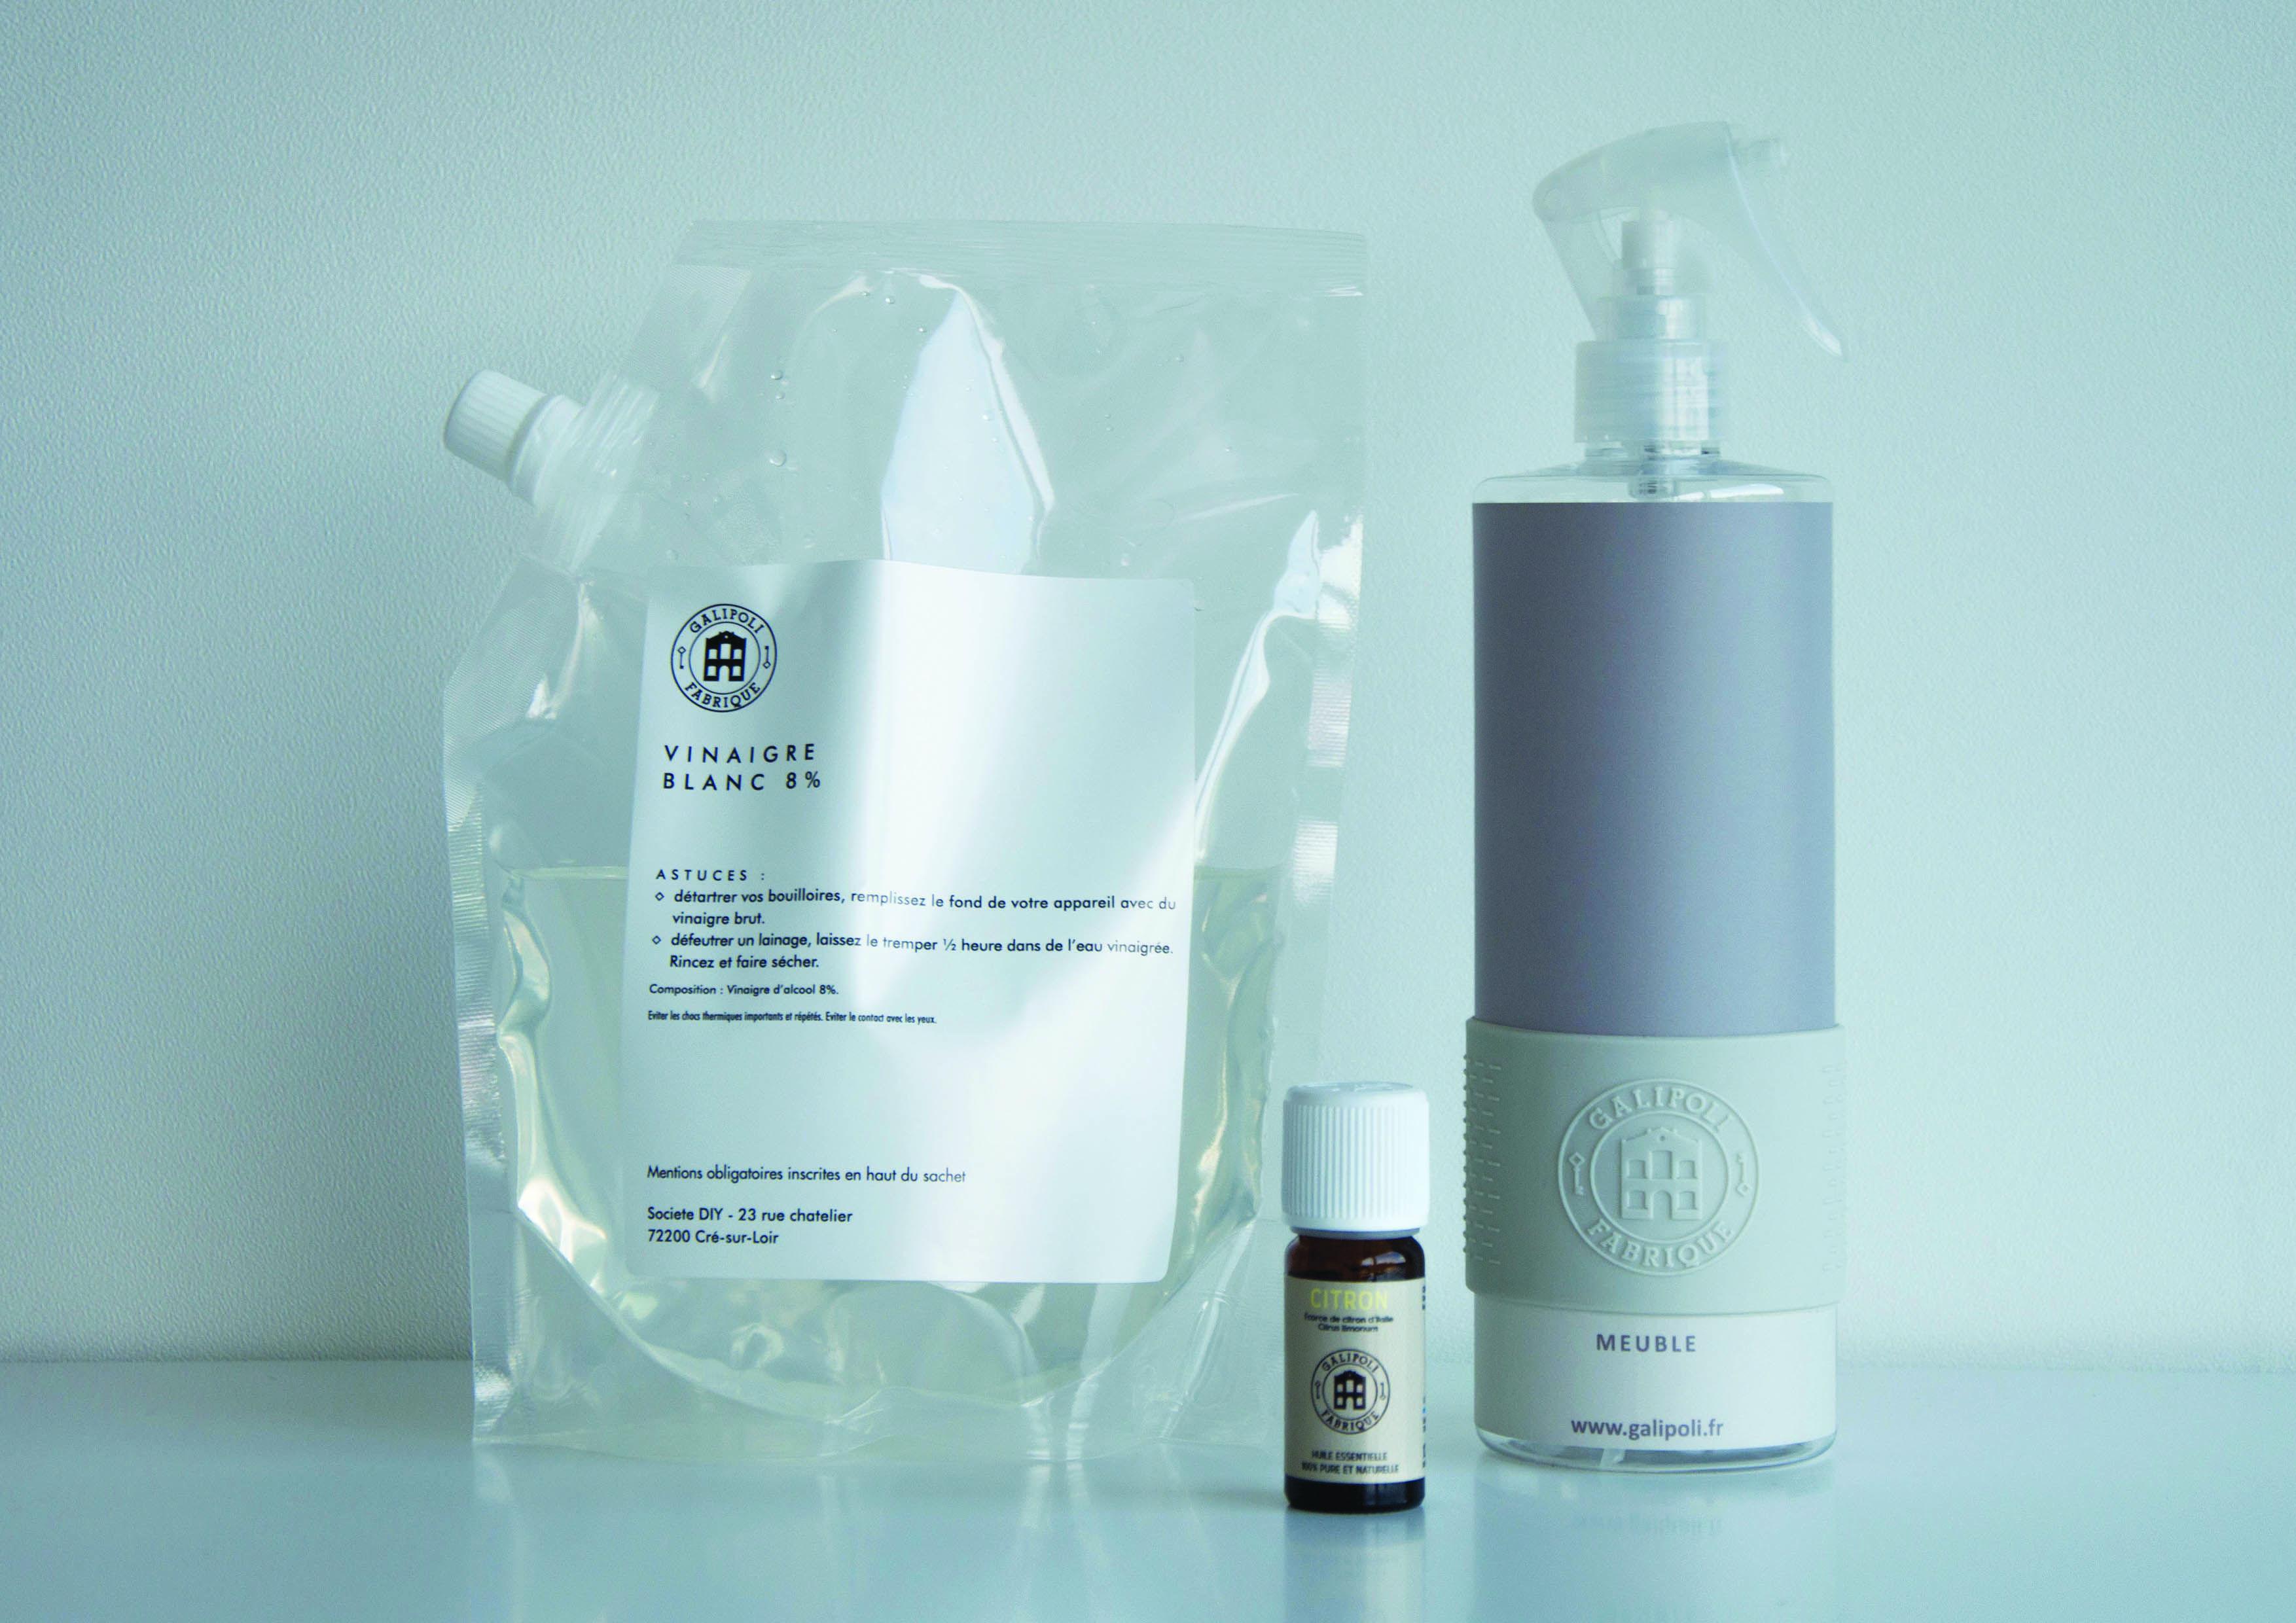 Image correspondant à l'aternative Dépoussiérant biodégradable, emballage recyclable (non testé sur les animaux)